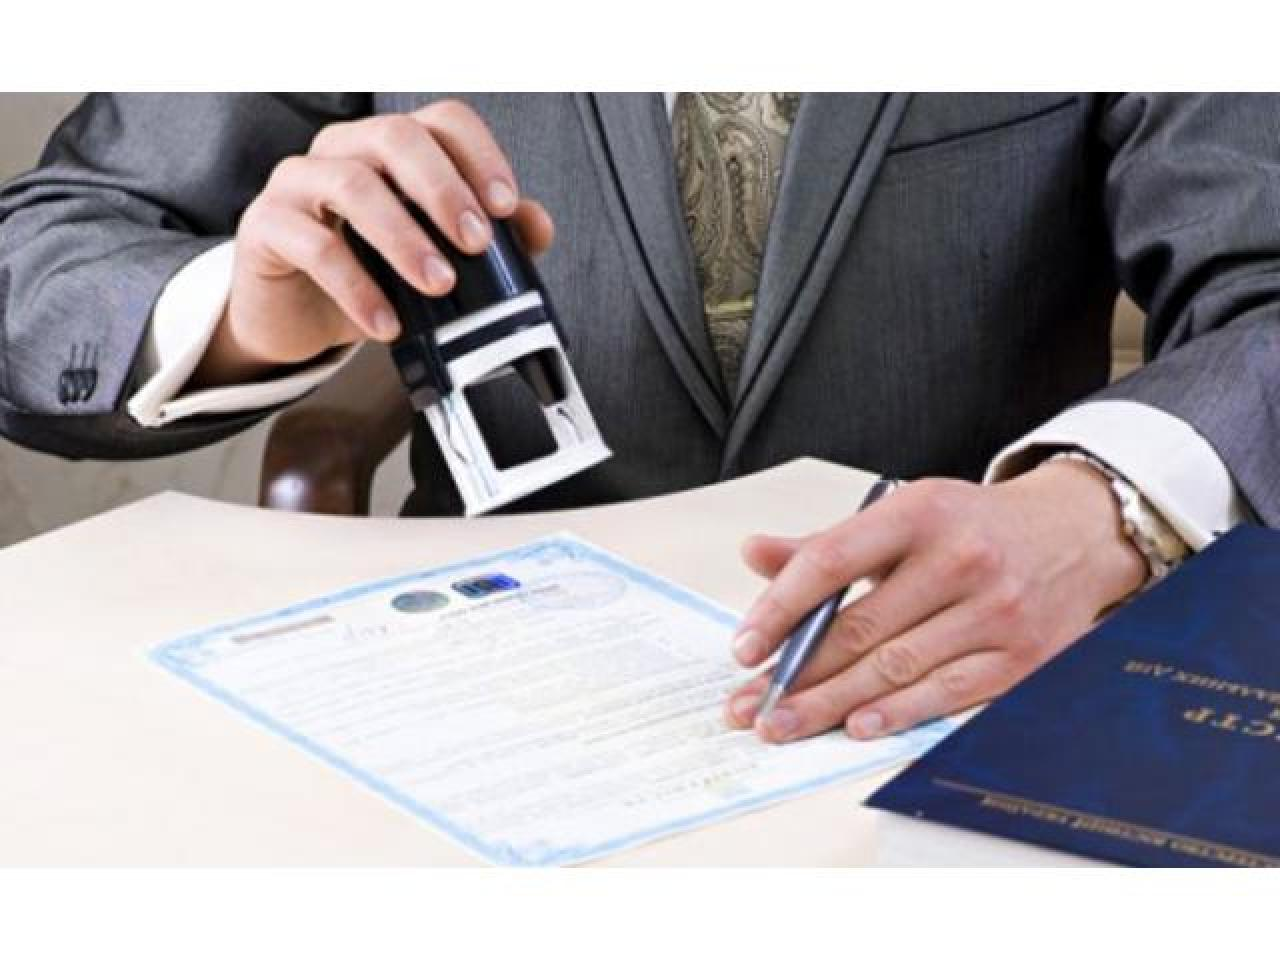 Регистрация фирм, оффшорных компаний, юридические услуги - 2